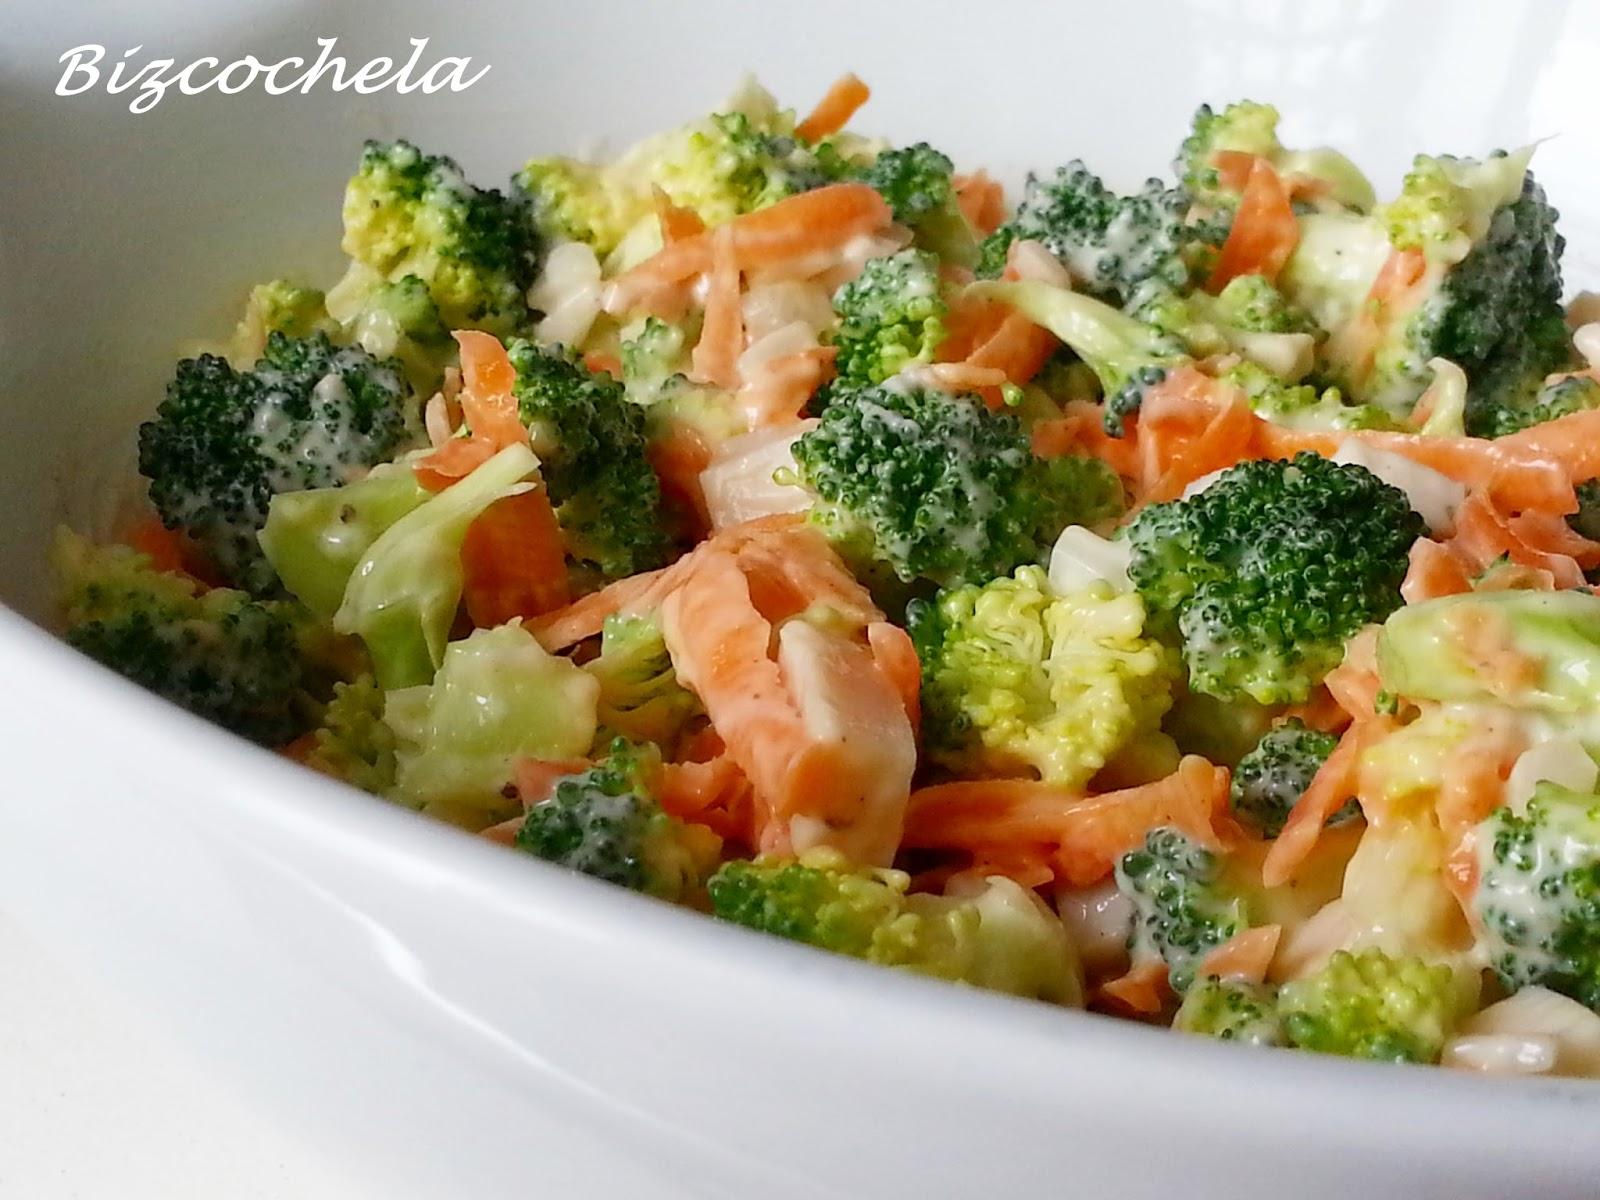 Ensalada de br coli for Cocinar zanahorias